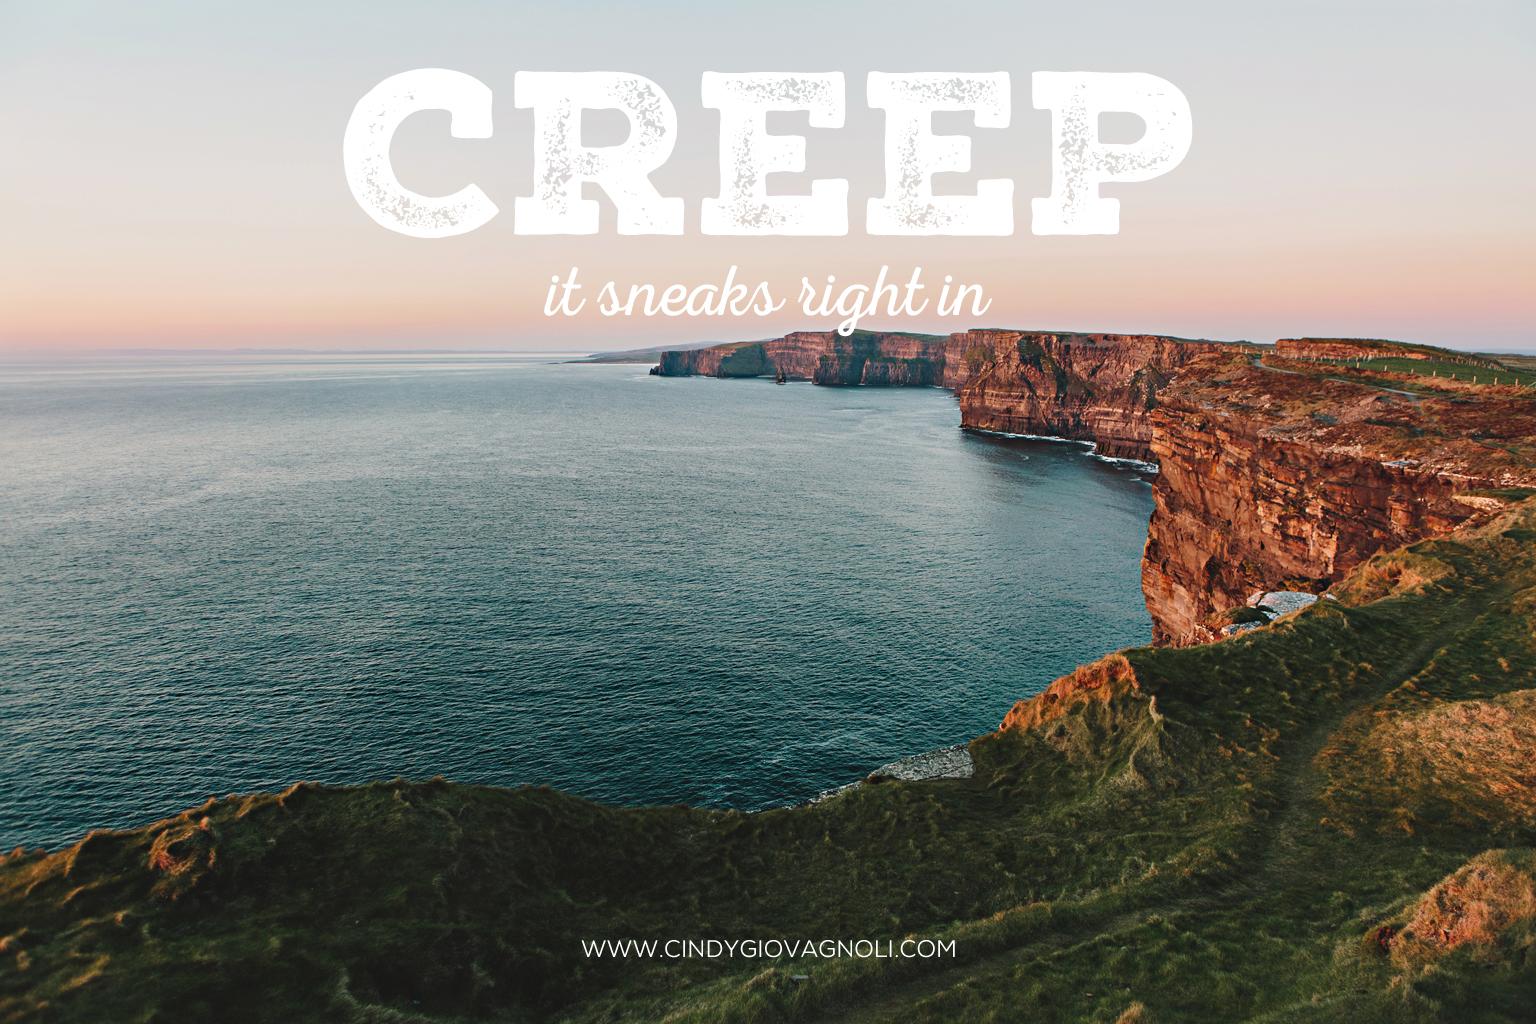 Creep_3-20-19.jpg